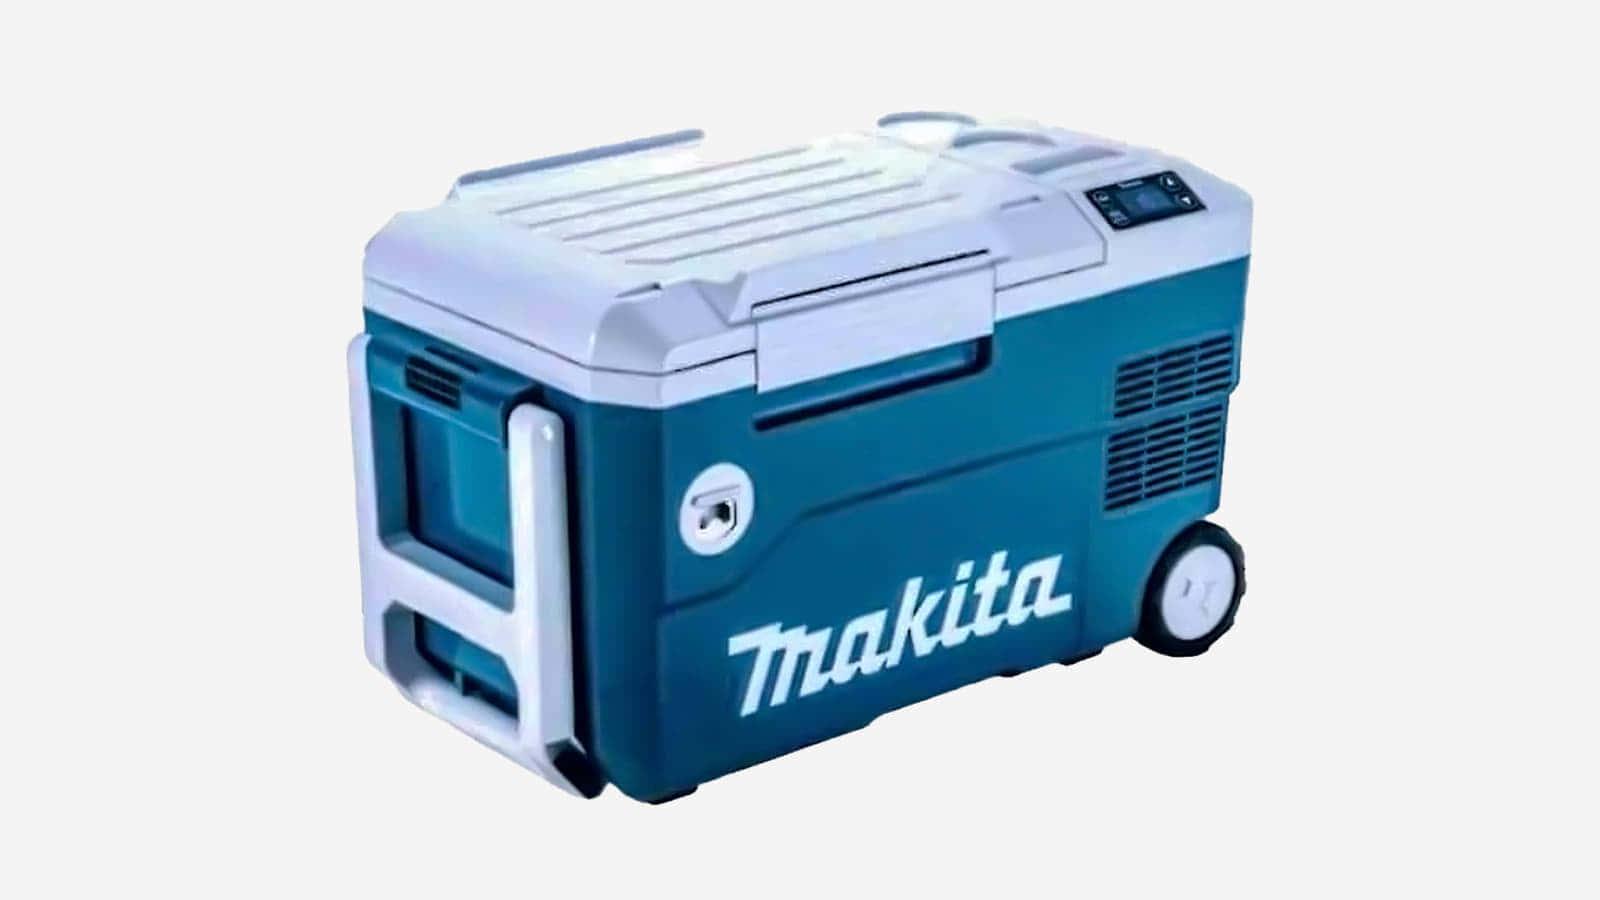 マキタ CW180DZ 18V充電式保冷温庫、-18℃まで冷やせるクーラーボックス